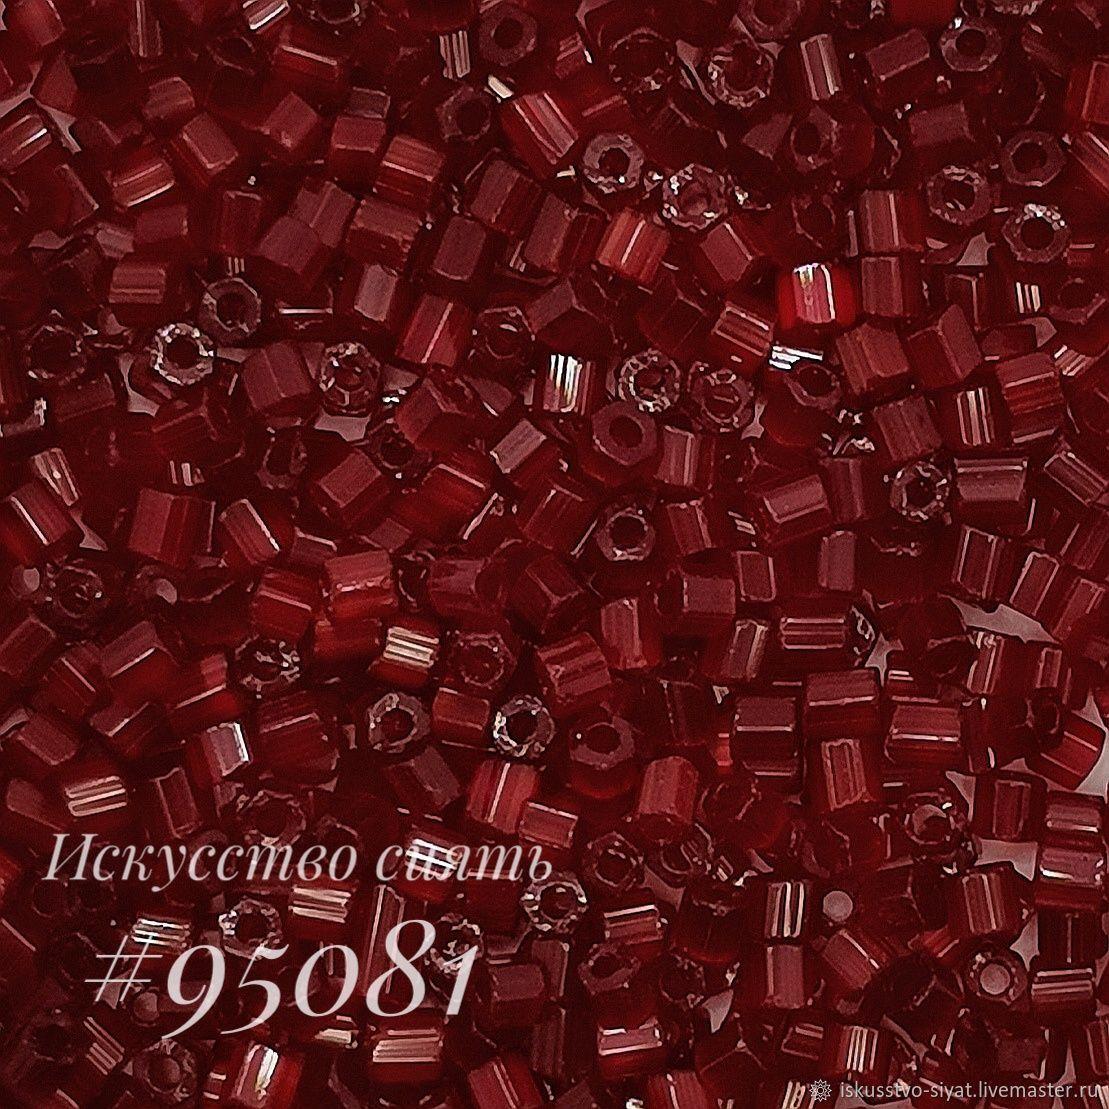 Сатиновая рубка Preciosa, Чехия, гранатовая (95081), Бисер, Кострома,  Фото №1